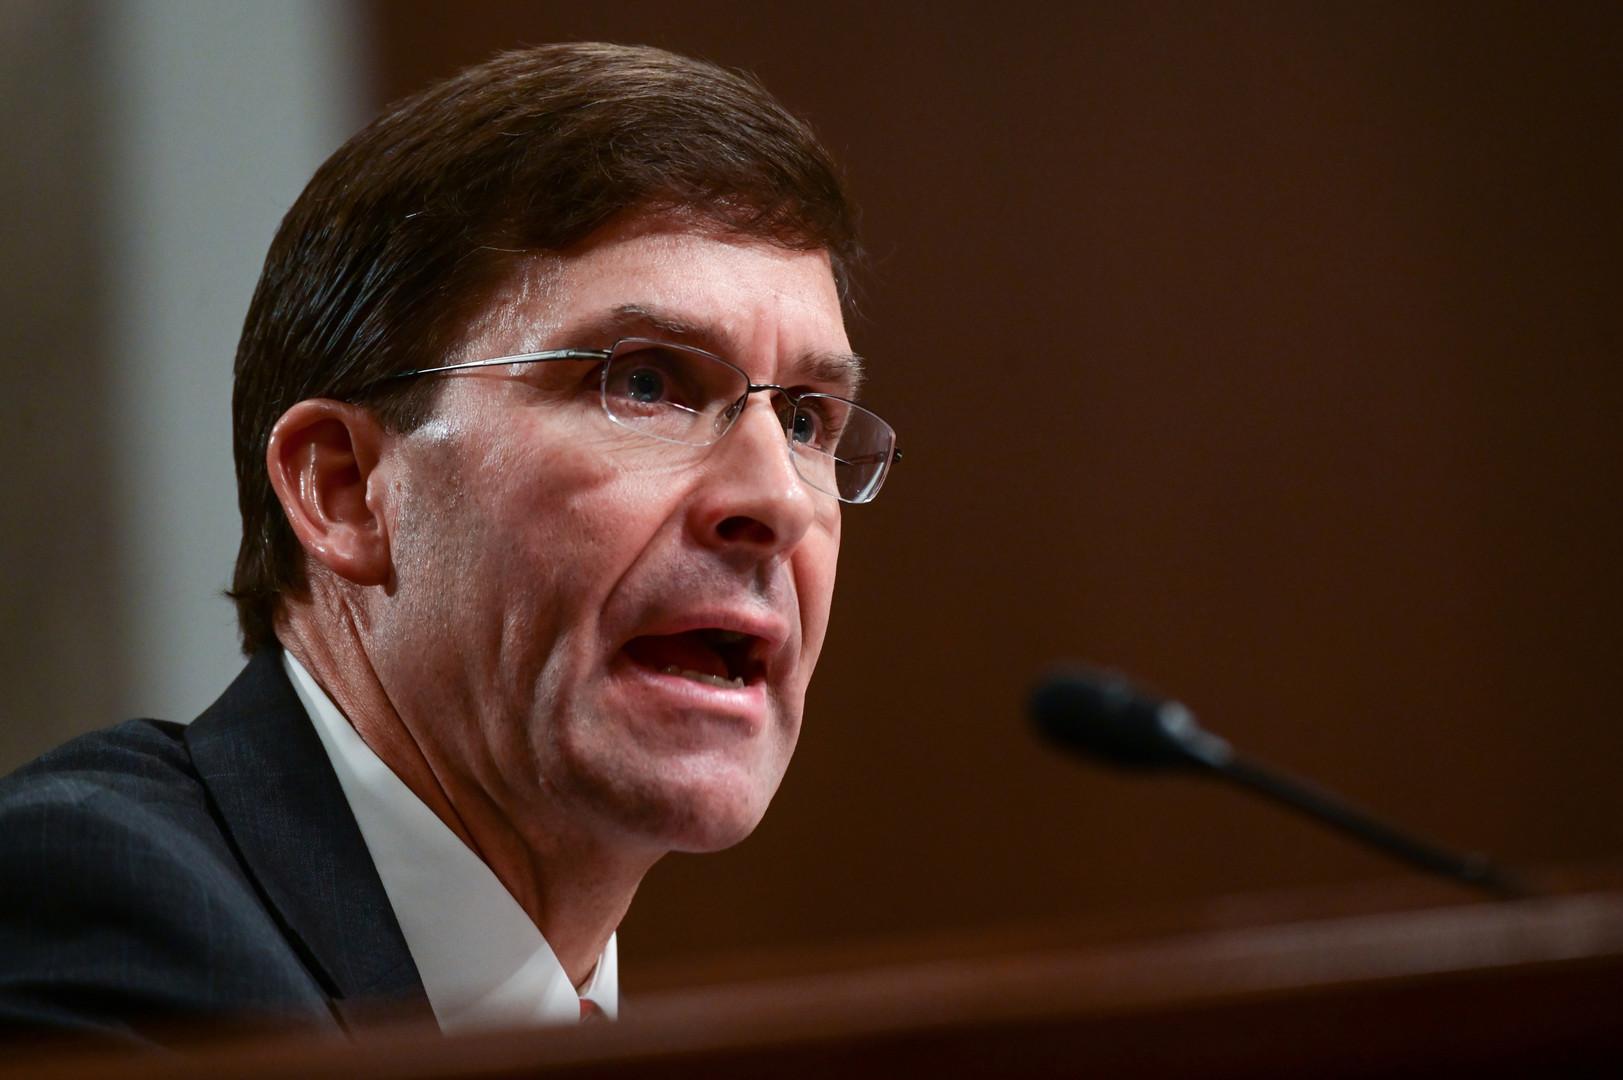 المرشح لمنصب وزير الدفاع الأمريكي، مارك إسبر